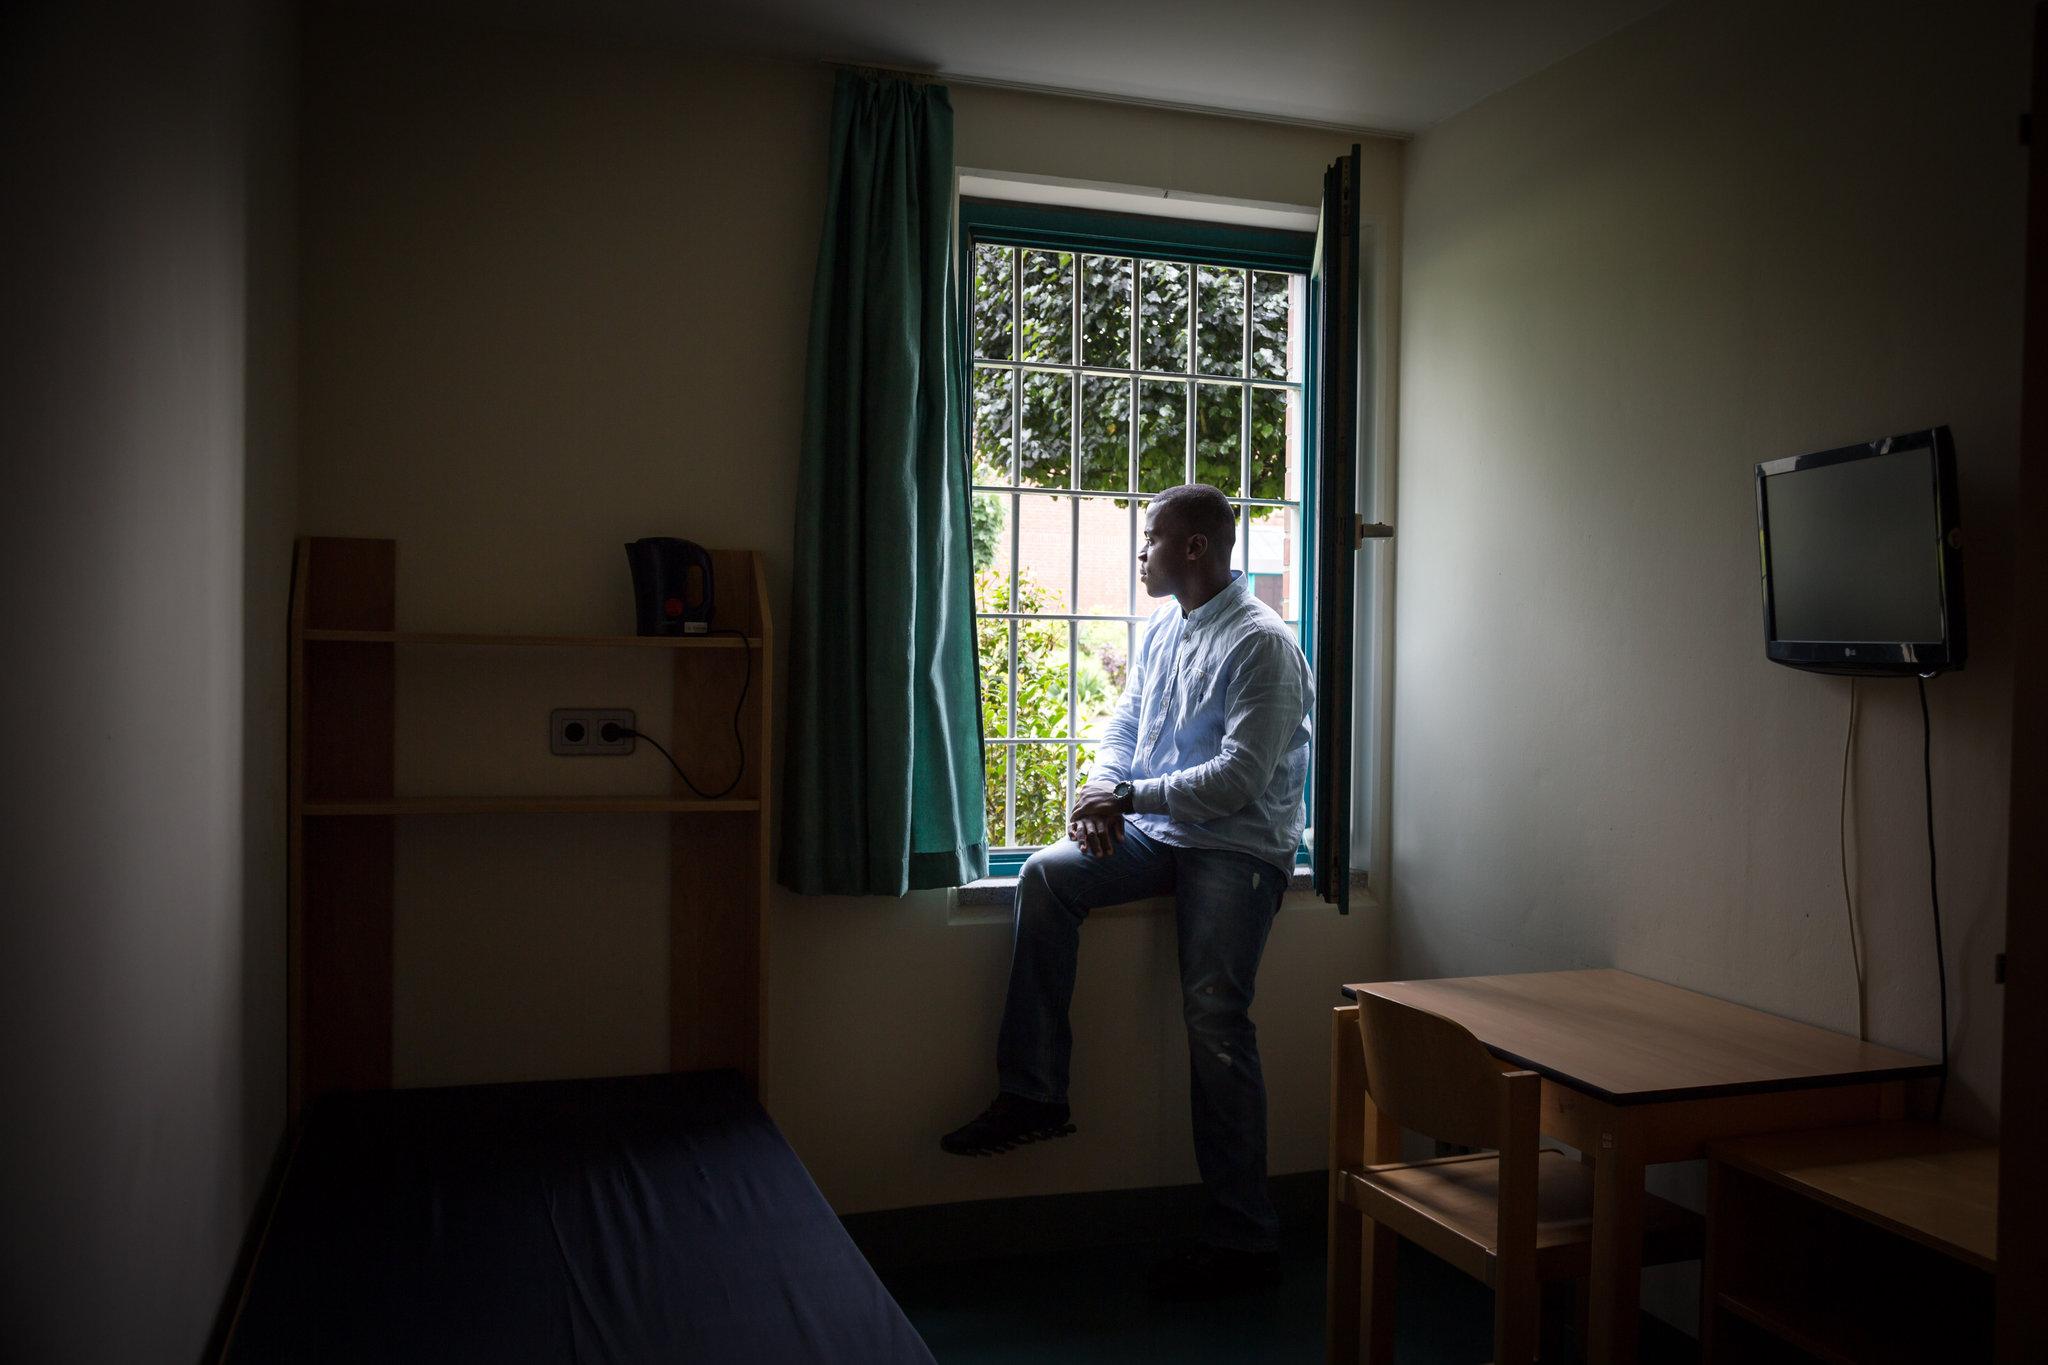 Harry Sarfo, ancien combattant allemand de l'État islamique, est à l'intérieur d'une prison hautement sécurisée à Brême, où il purge une peine de trois ans pour une accusation de terrorisme. Gordon Welters pour le New York Times